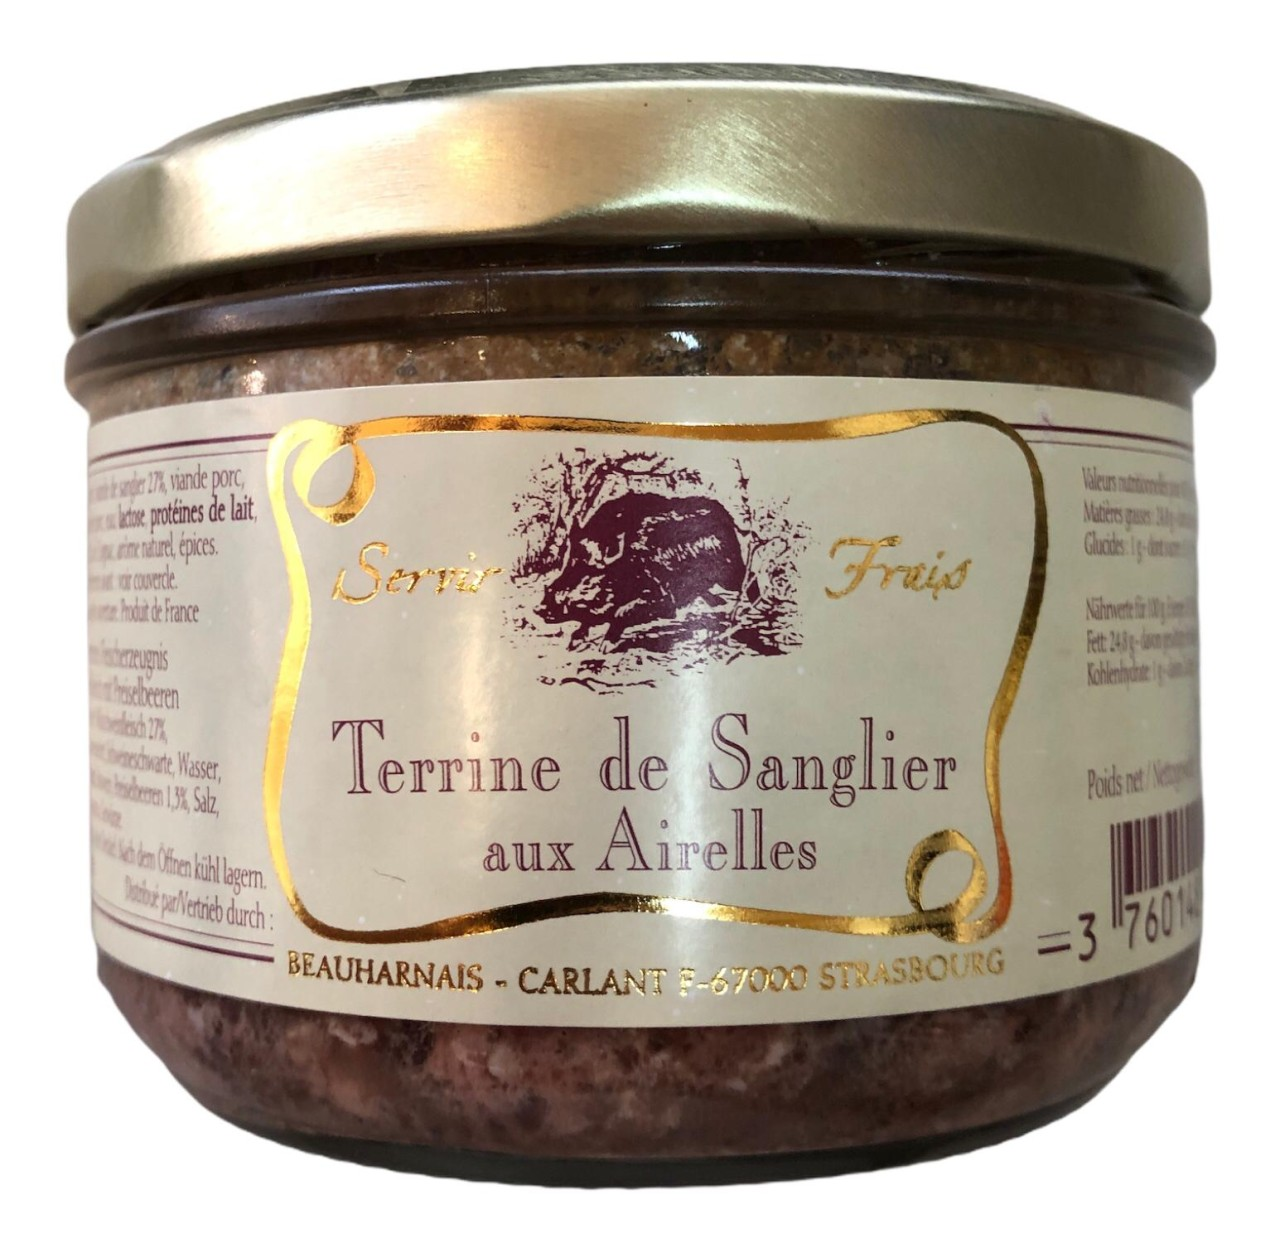 Servir Frais Terrine de Sanglier aux Airelles (Wildschweinfleisch mit Preiselbeeren) 180g